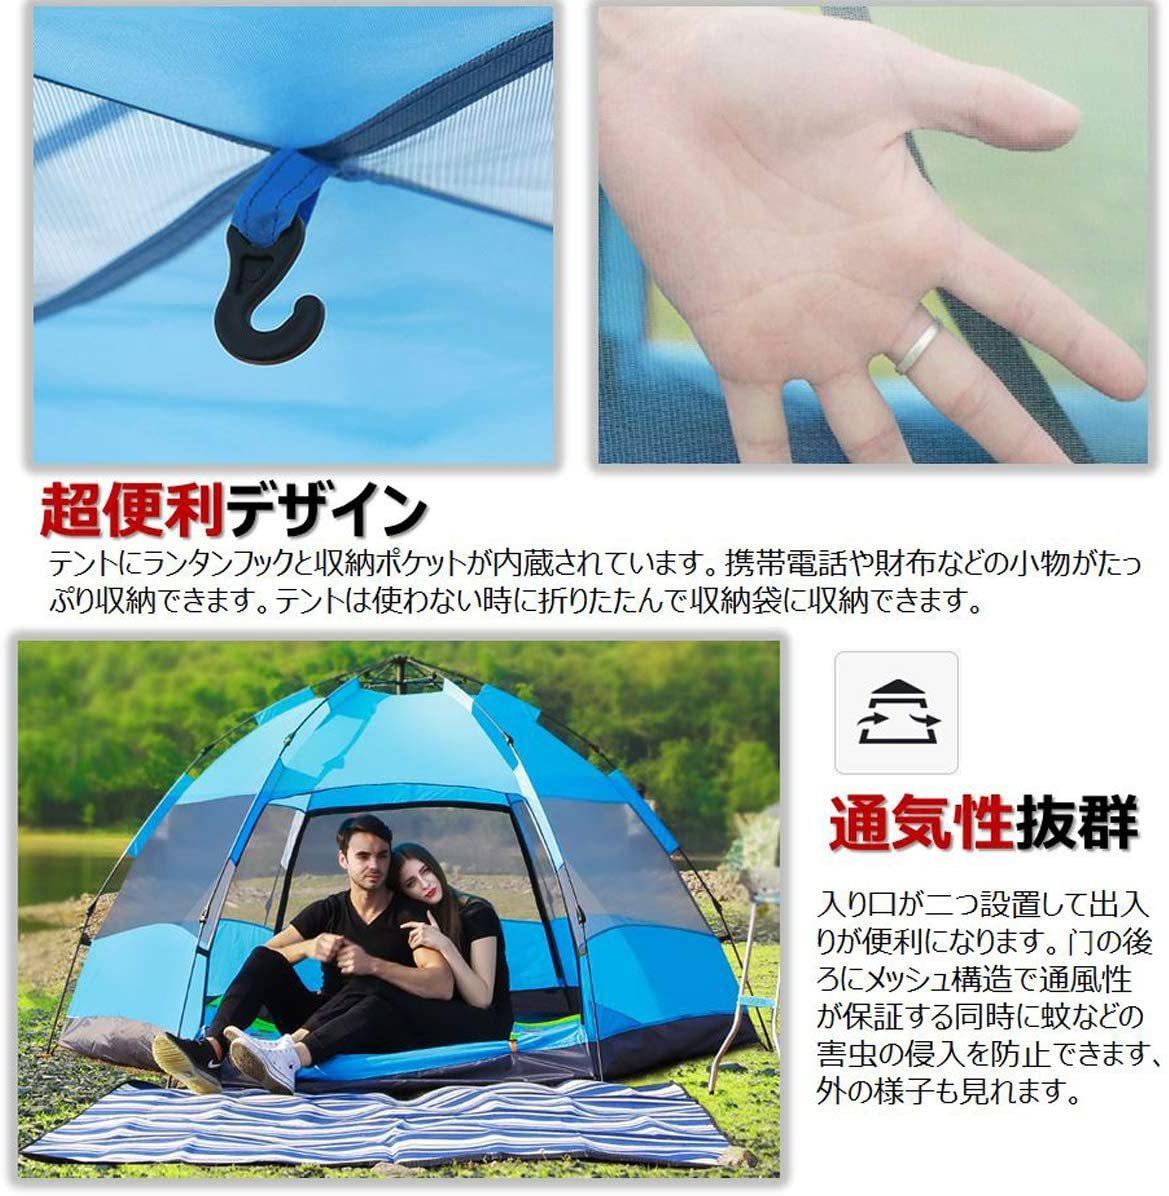 2-4人用 ワンタッチメッシュ六角形テント ブルー /二重層防風防水uvカット加工 多機能用途テント 多用途 _画像3